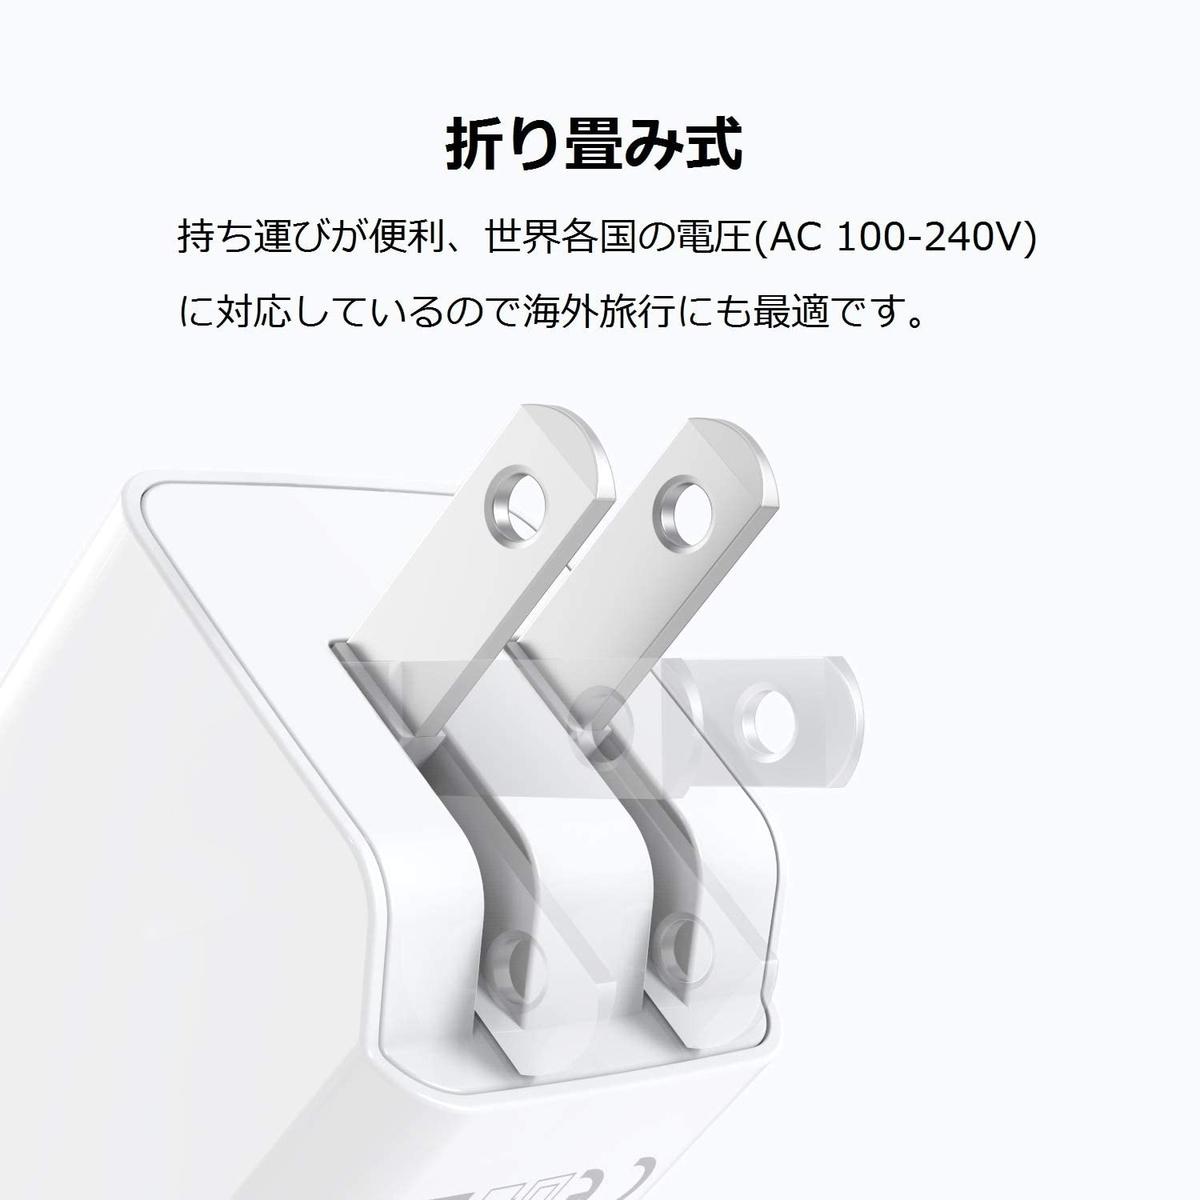 USB電源アダプタ4